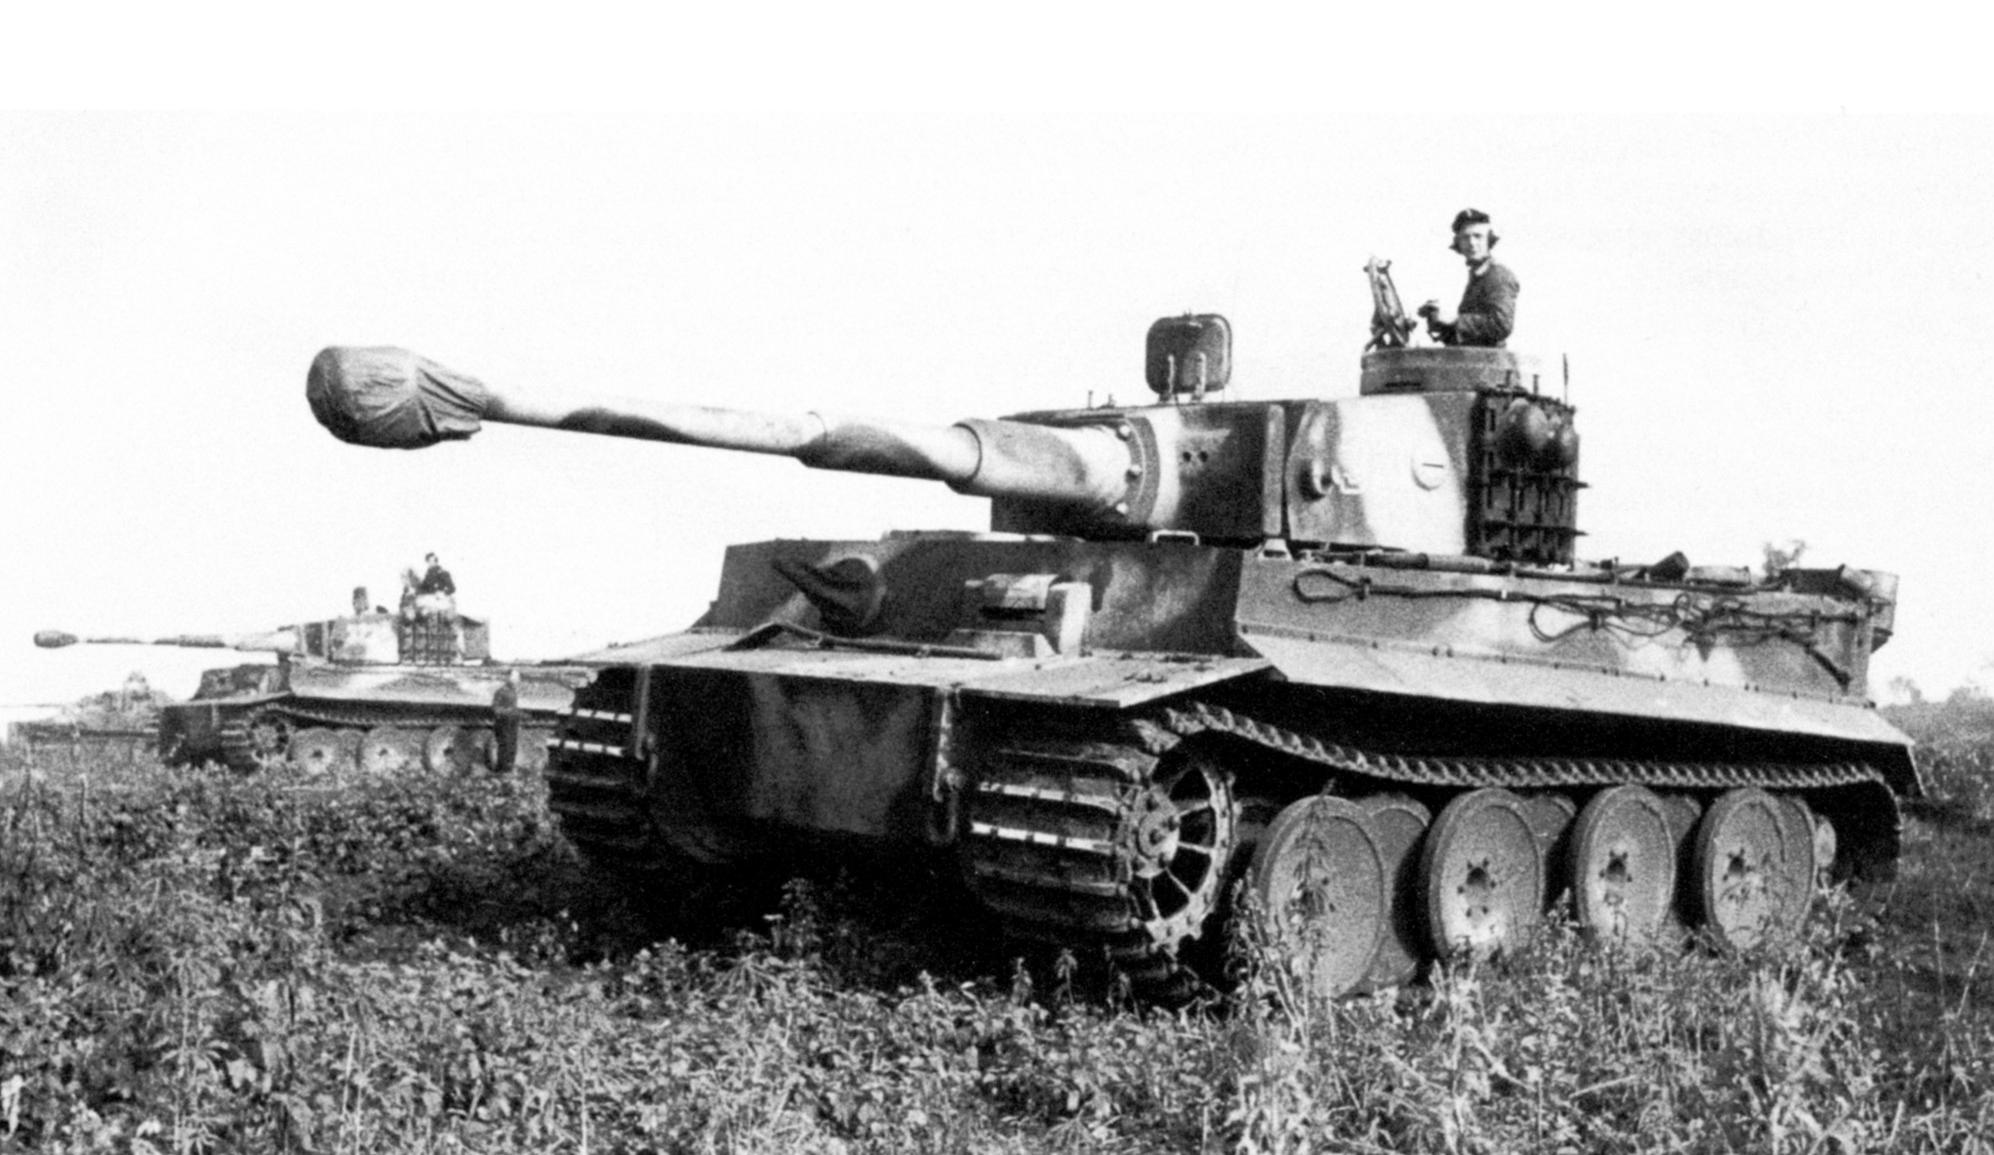 Tiger 505 Schwere Panzer Abt. #321